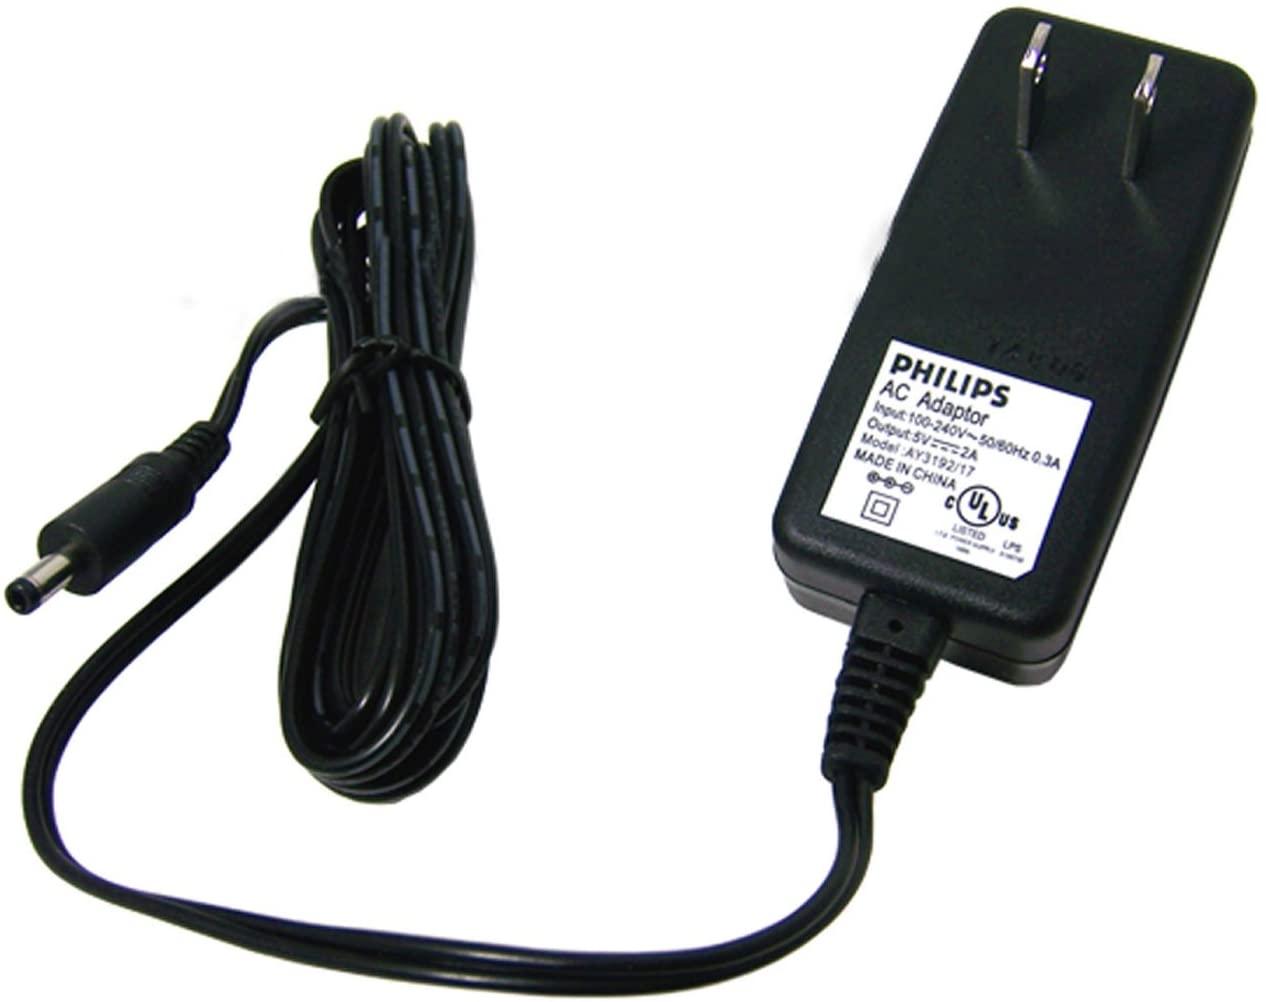 PHILIPS AY3192/17 DC 5v 2a AC Adaptor 314011833821 100-240v - 50-60Hz Adapter